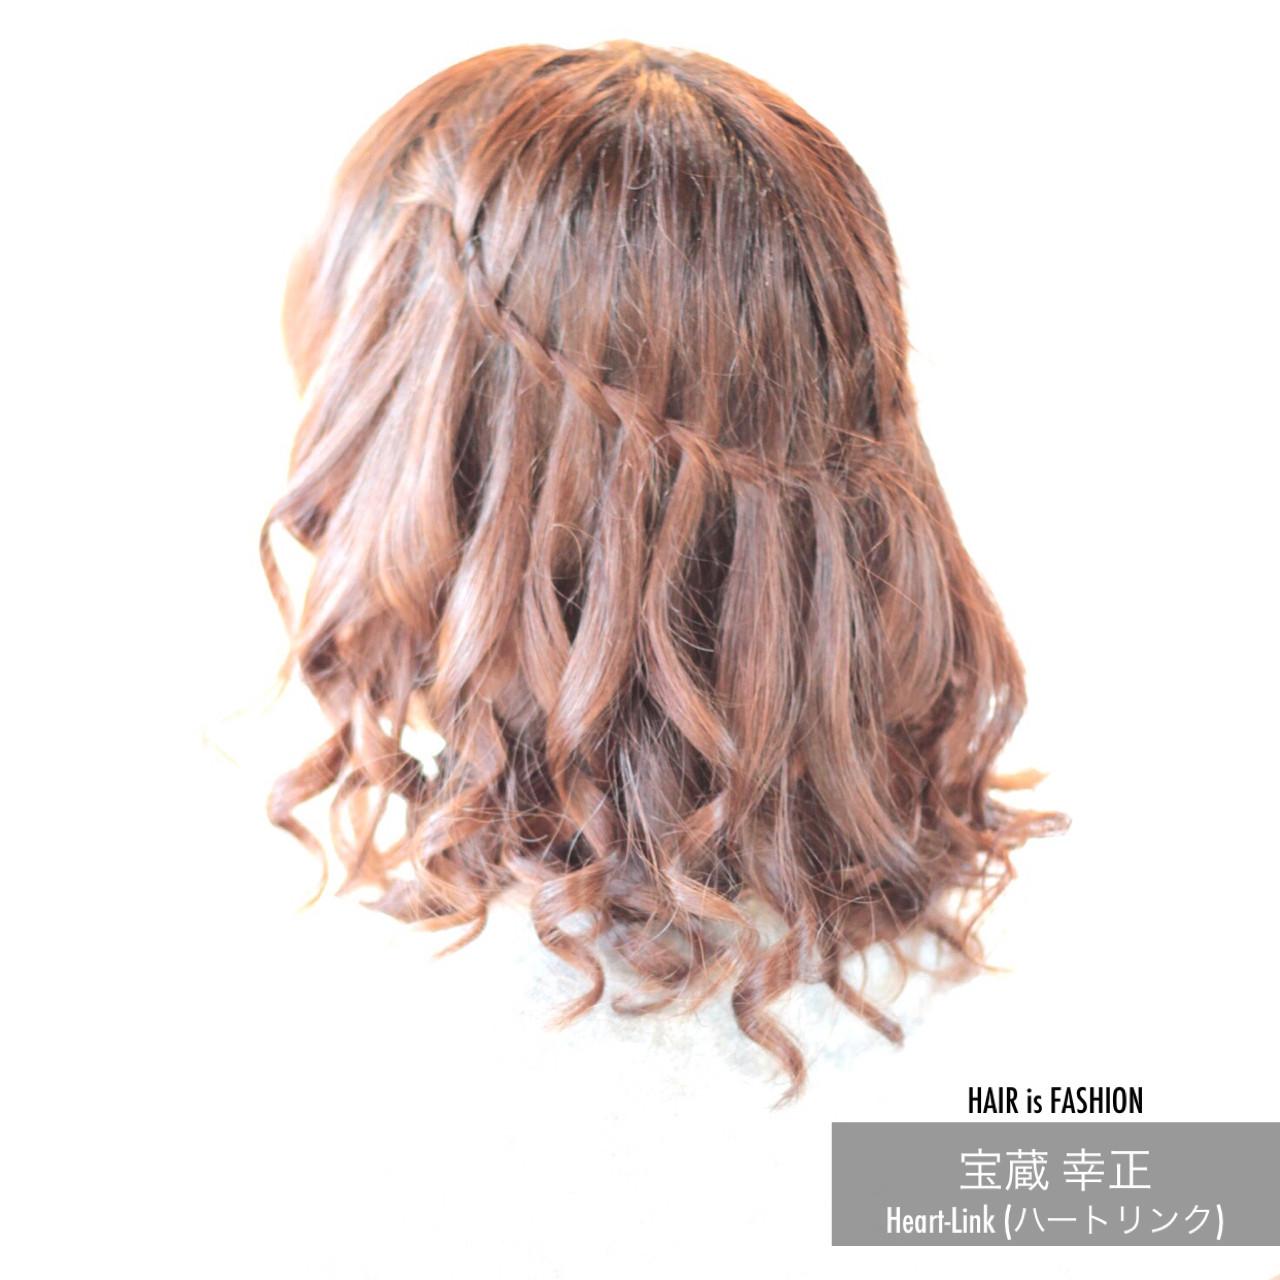 ボブ ウォーターフォール 結婚式 カール ヘアスタイルや髪型の写真・画像 | 宝蔵 幸正 / HairZone